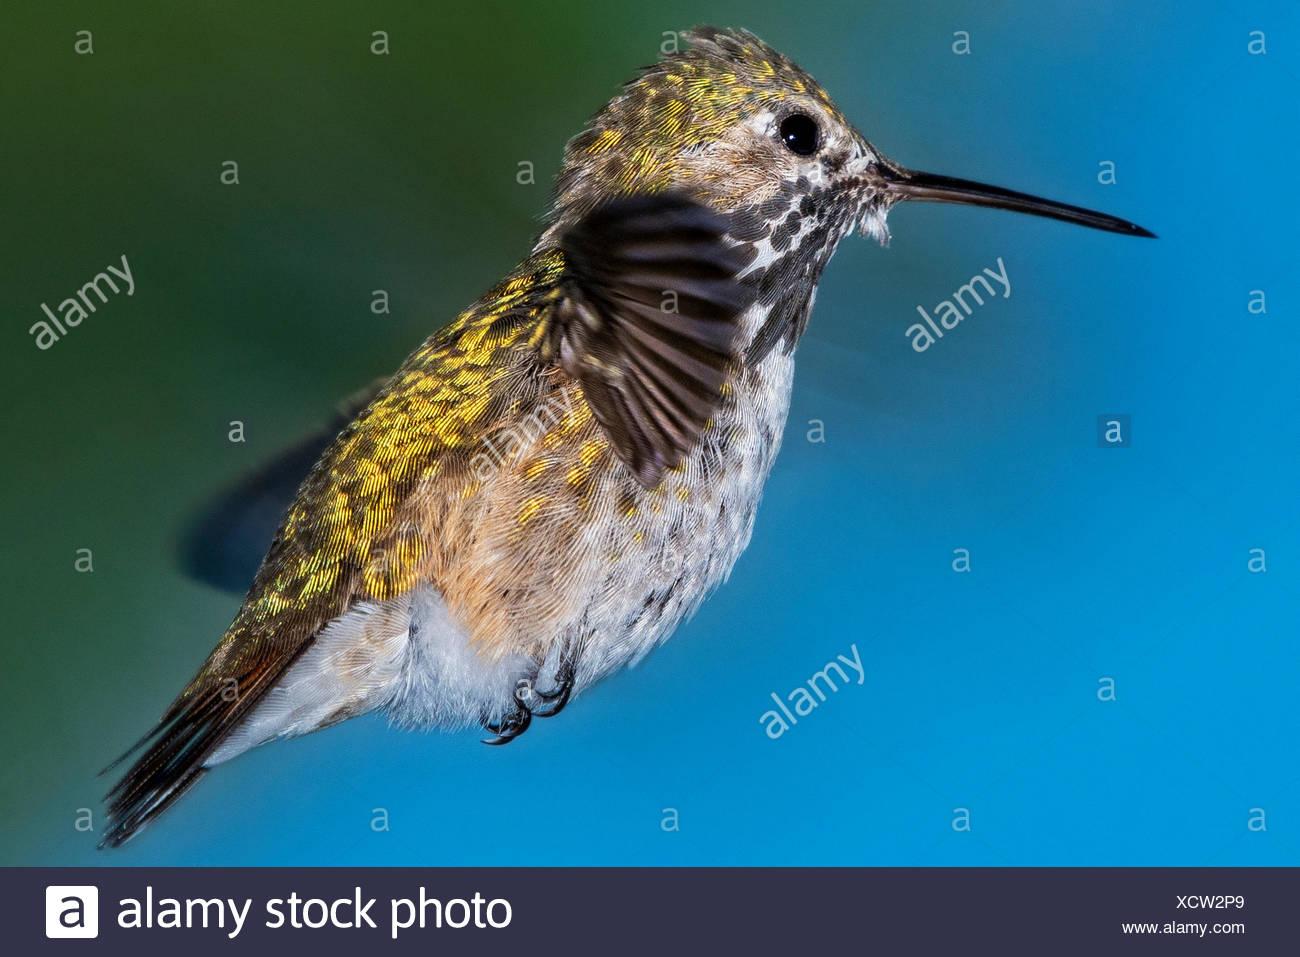 Portrait d'un colibri calliope planant dans les airs Photo Stock